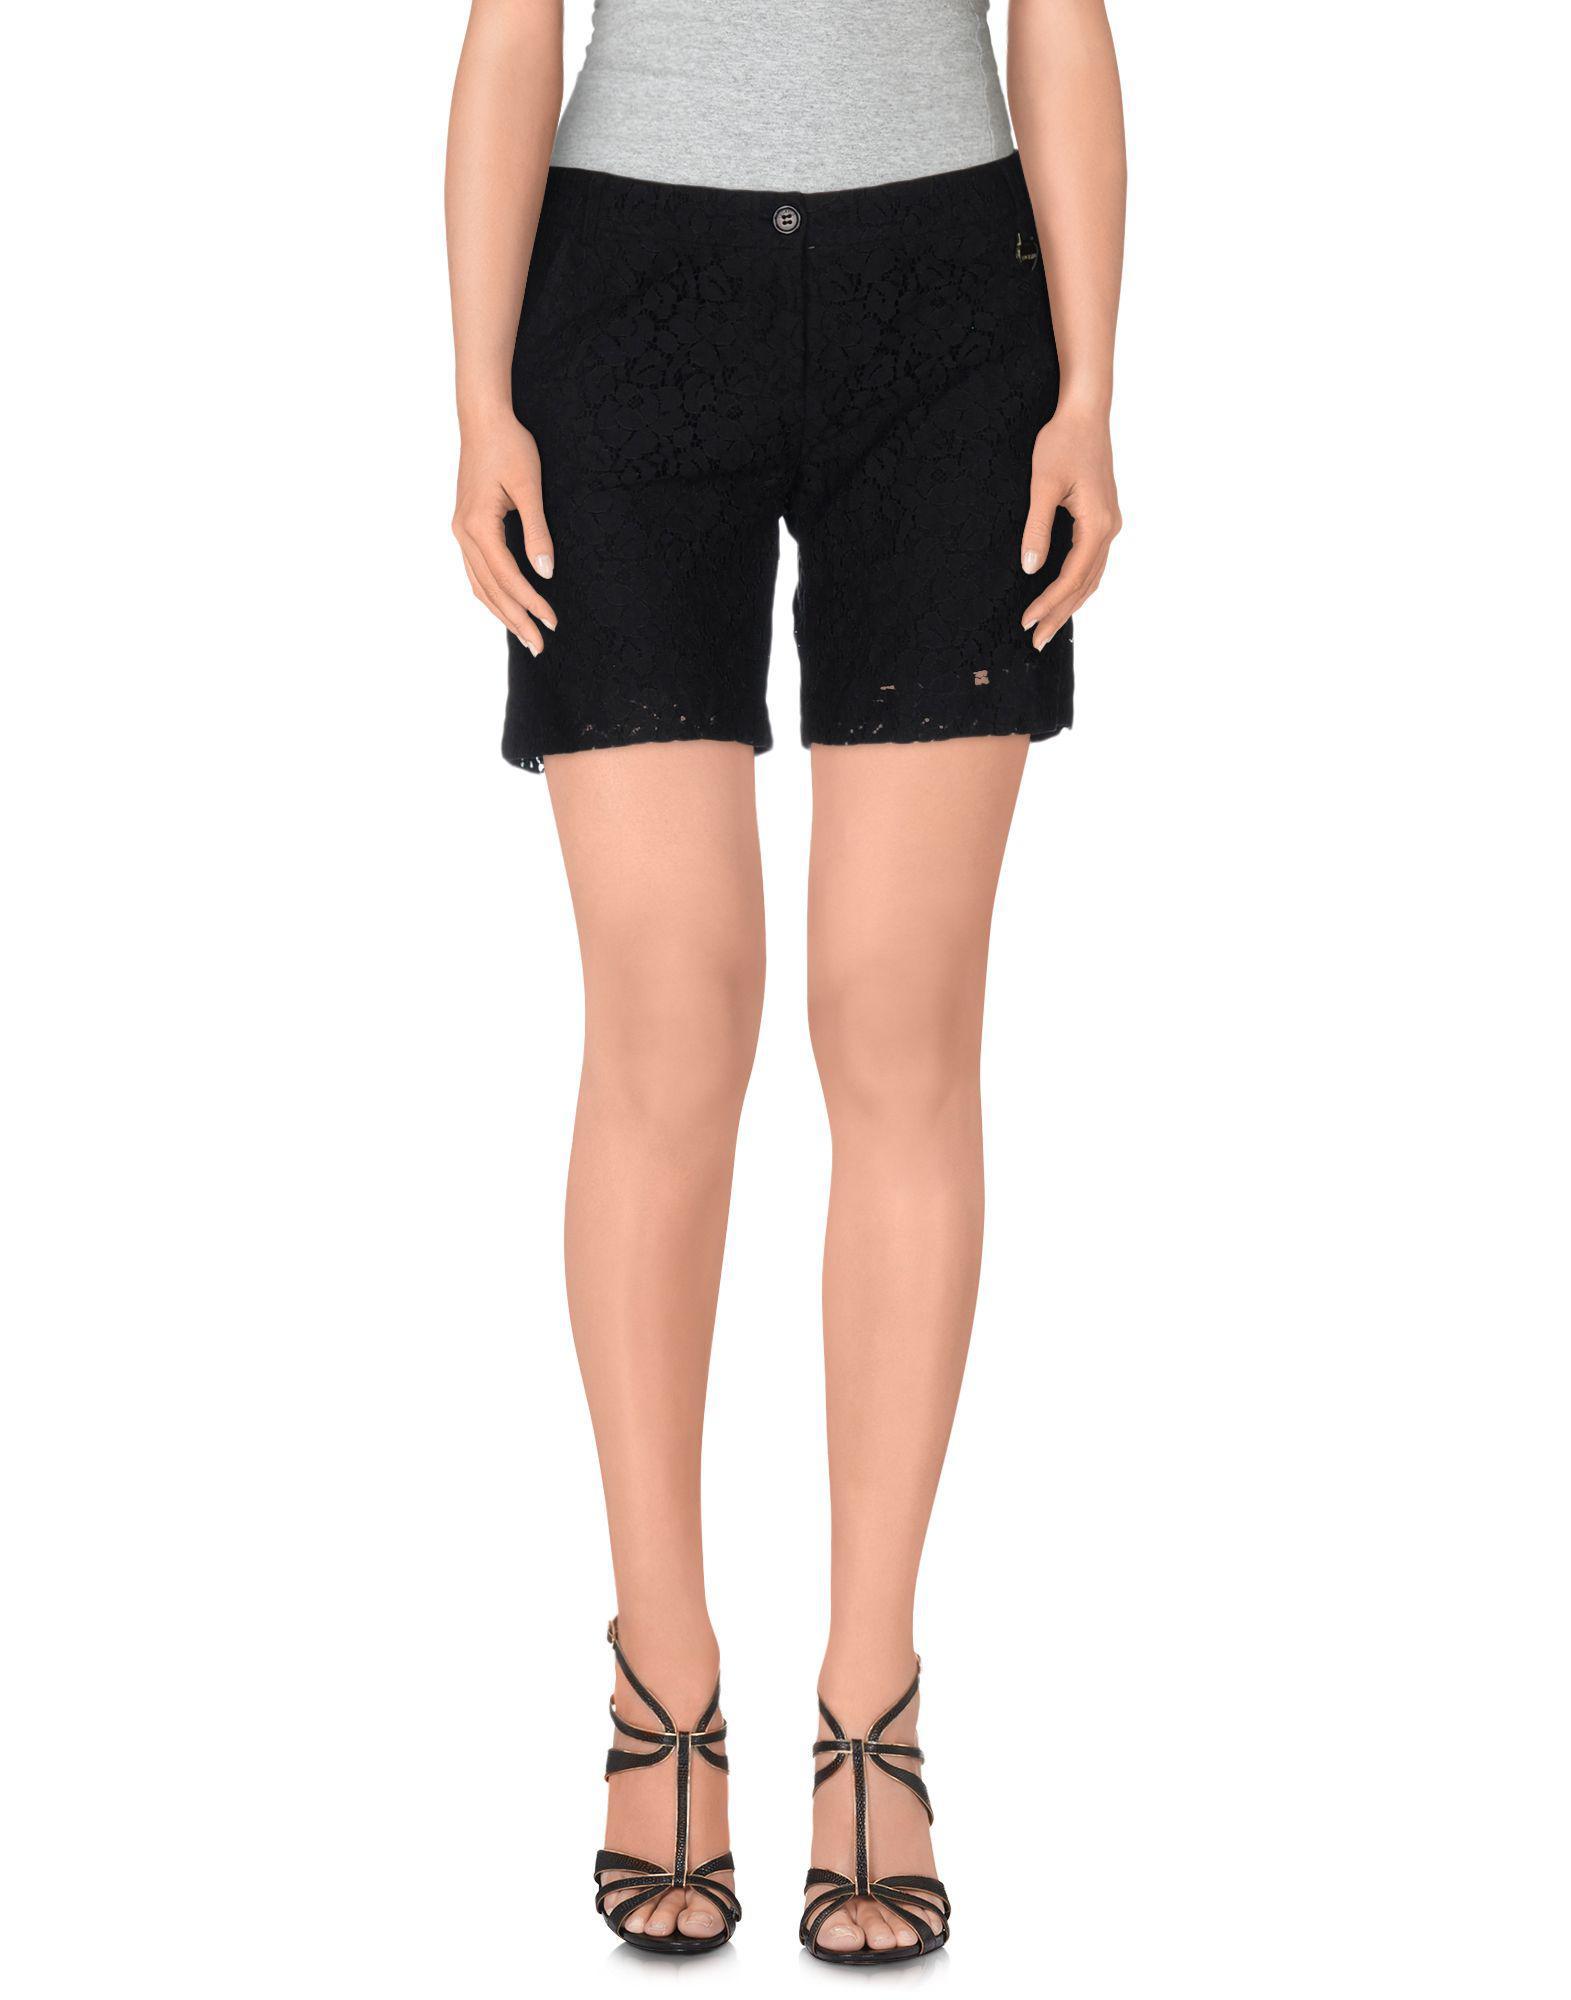 TROUSERS - Bermuda shorts LuckyLu peocr8aA